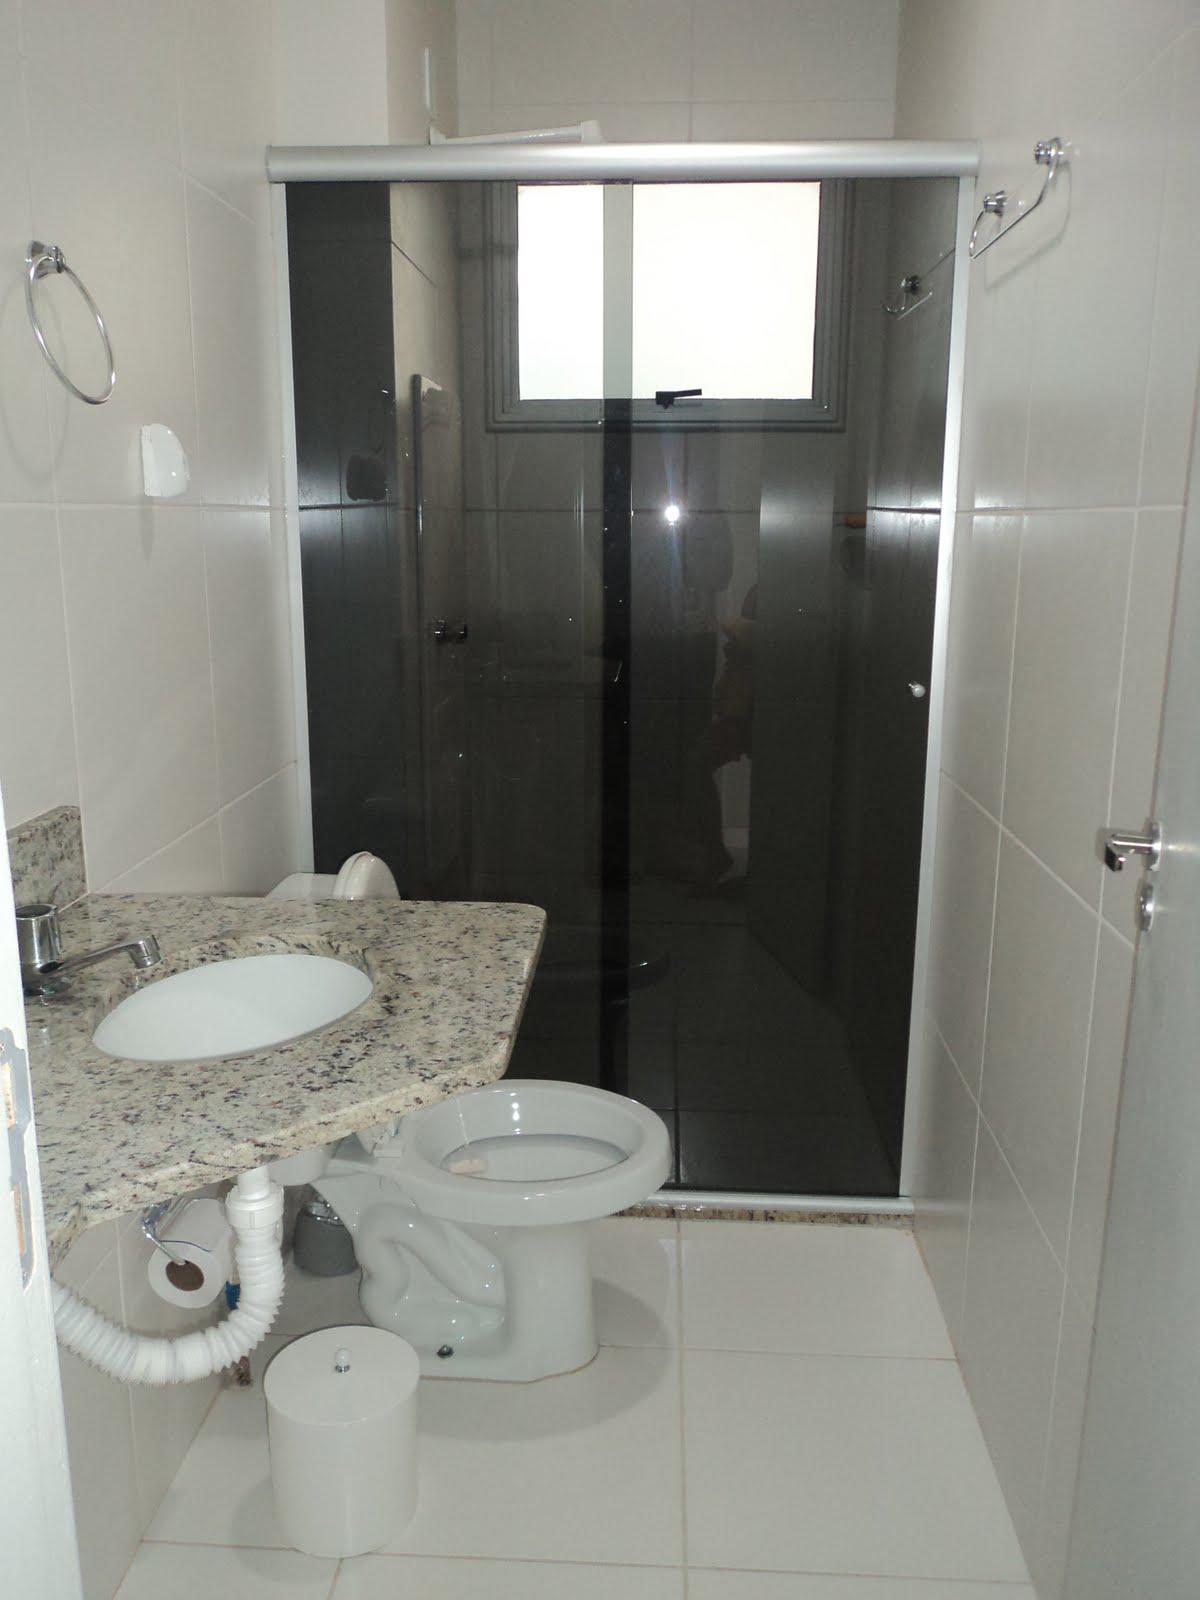 Meu Pequeno Apê Banheiro Social Antes e Depois -> Banheiro Pequeno Largura